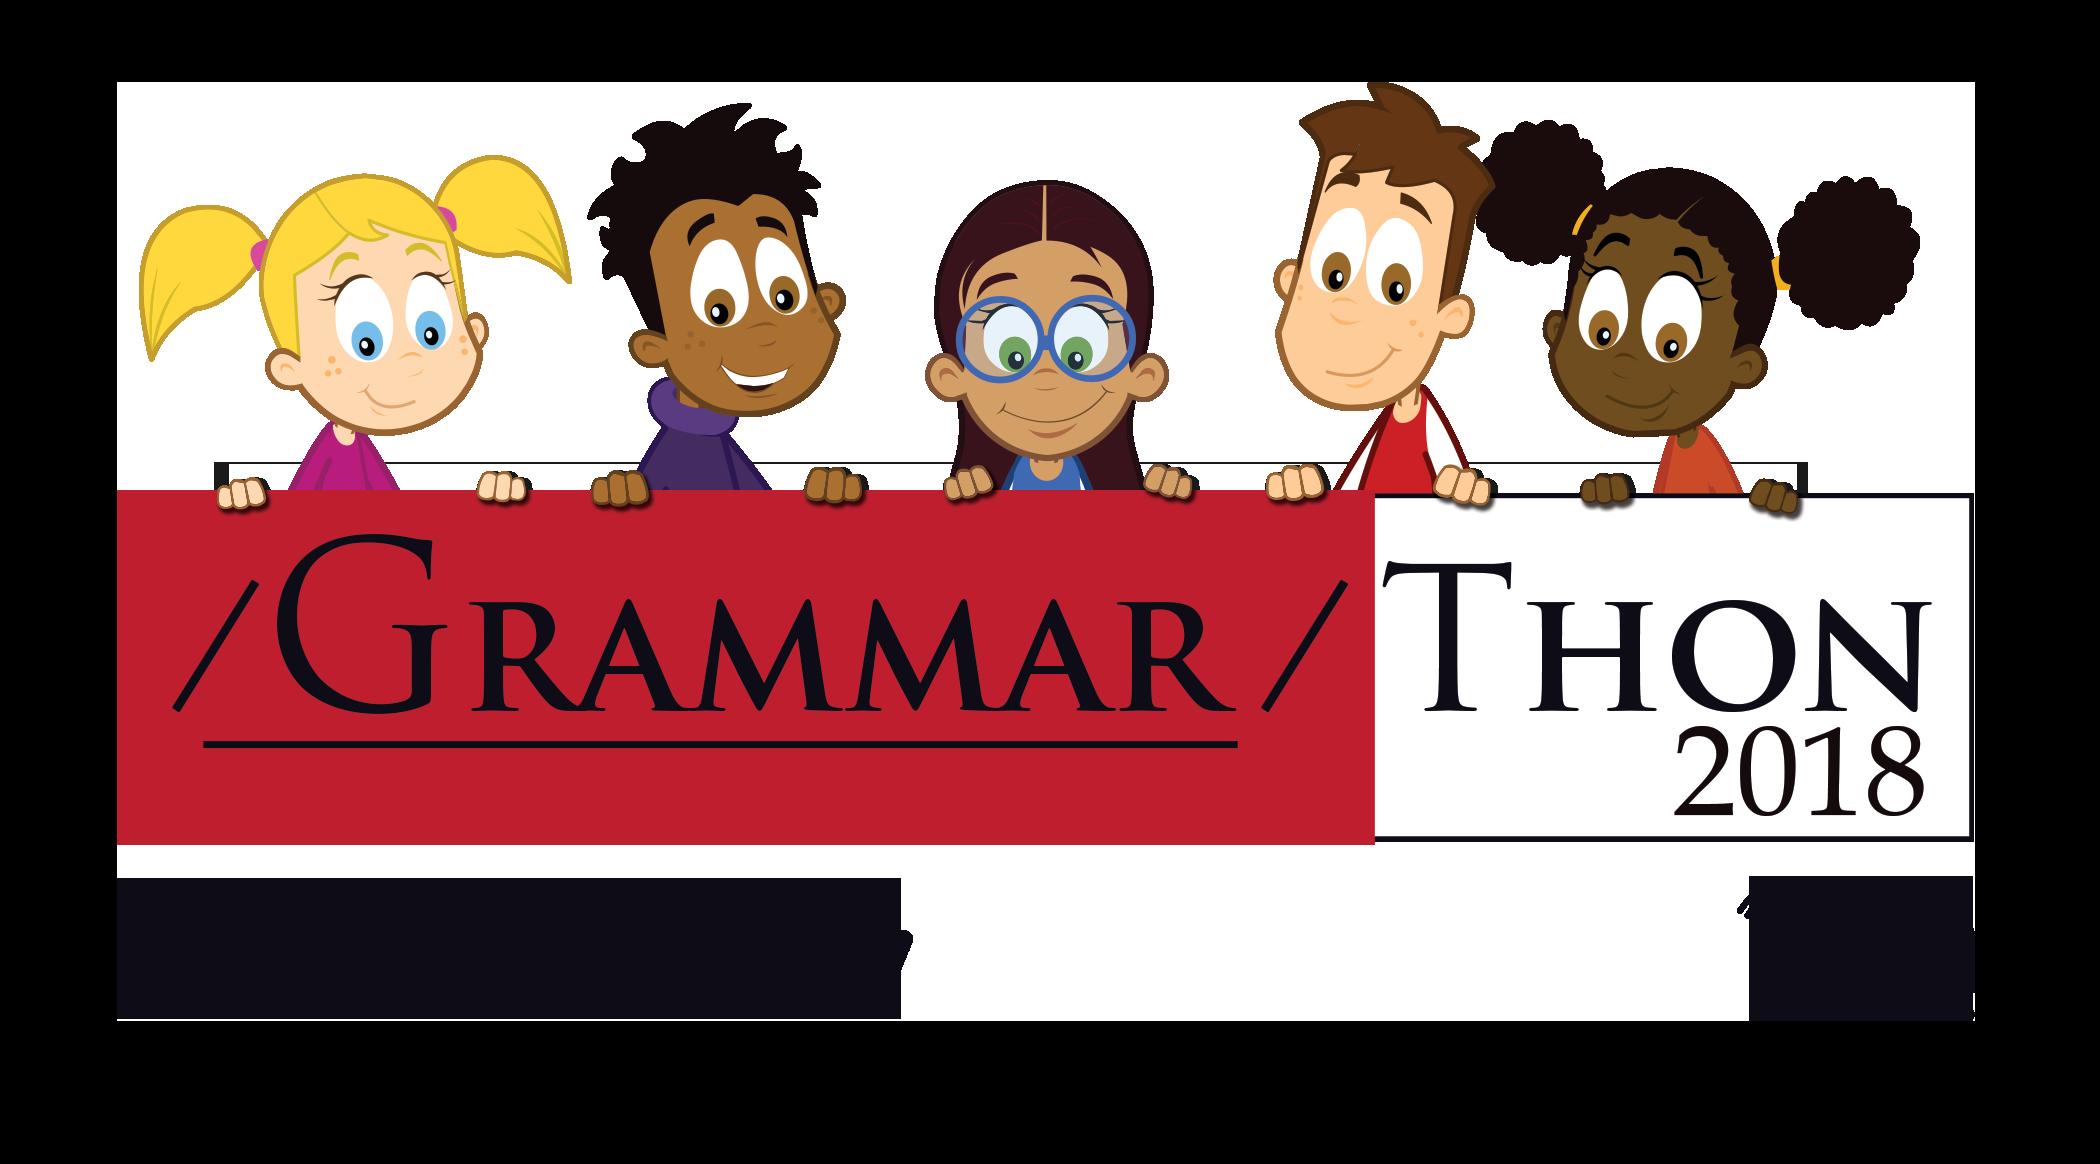 Congratulations clipart principal's. Grammar thon ctnbq org